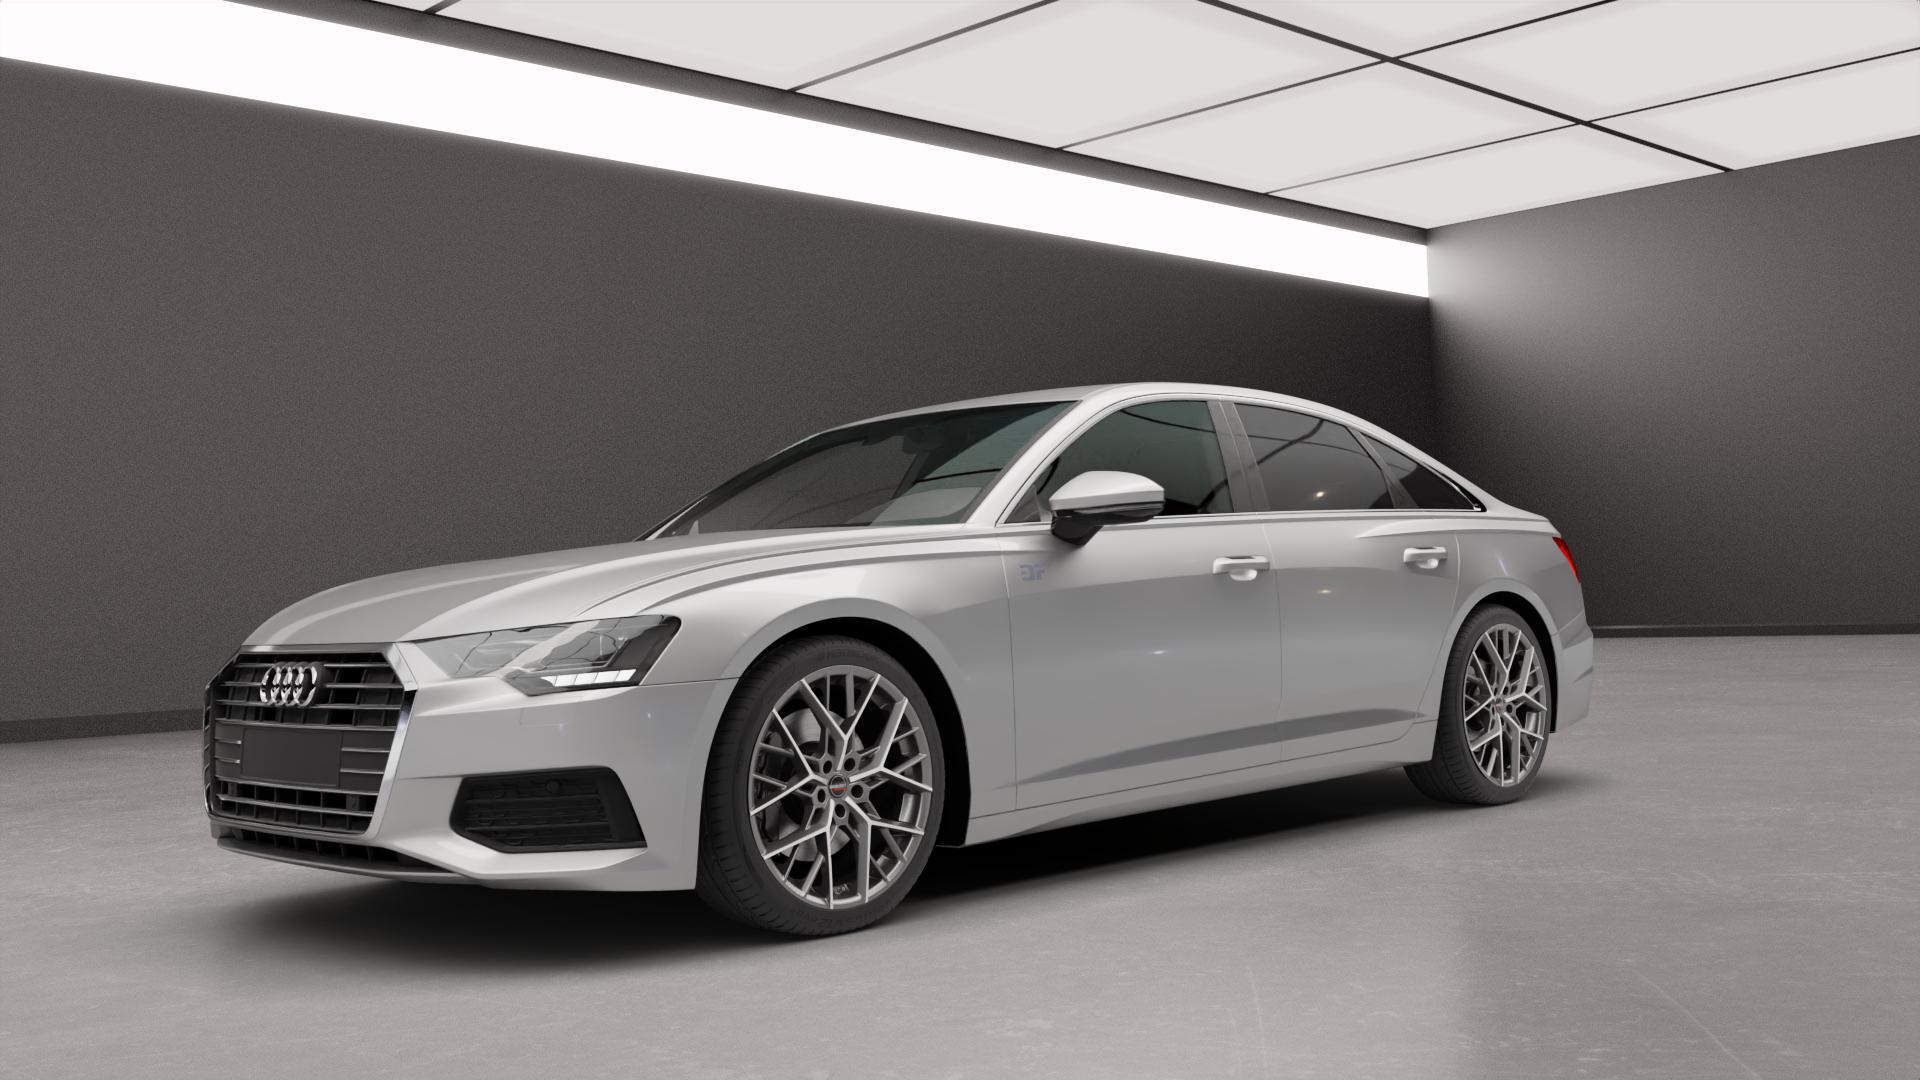 Borbet BY titan polished matt Felge mit Reifen grau in 20Zoll Alufelge auf silbernem Audi A6 Typ F2/C8 (Limousine) ⬇️ mit 15mm Tieferlegung ⬇️ Neutral_mid_max5300mm Frontansicht_1